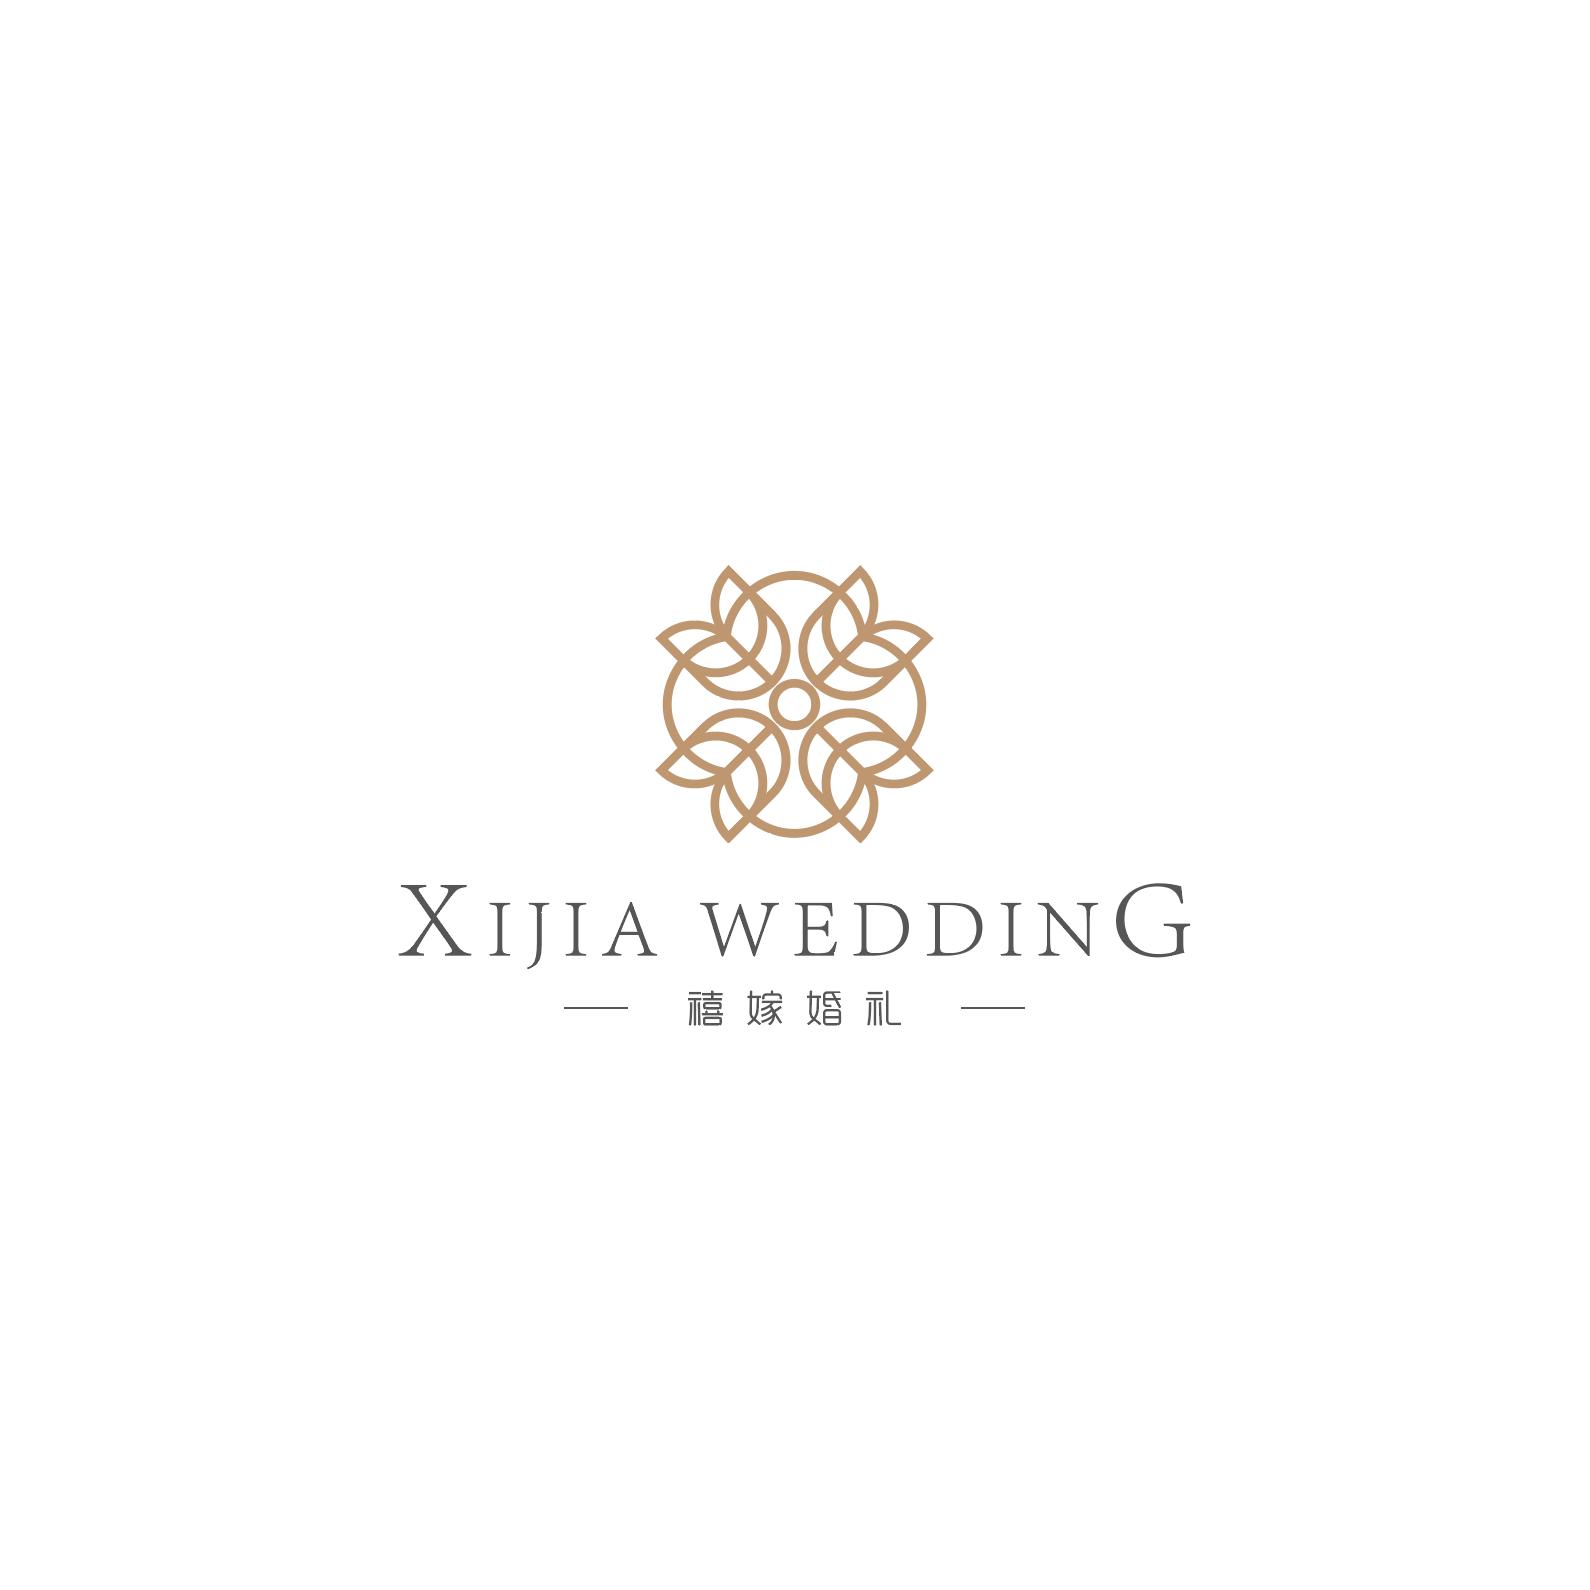 禧嫁婚礼企划中心